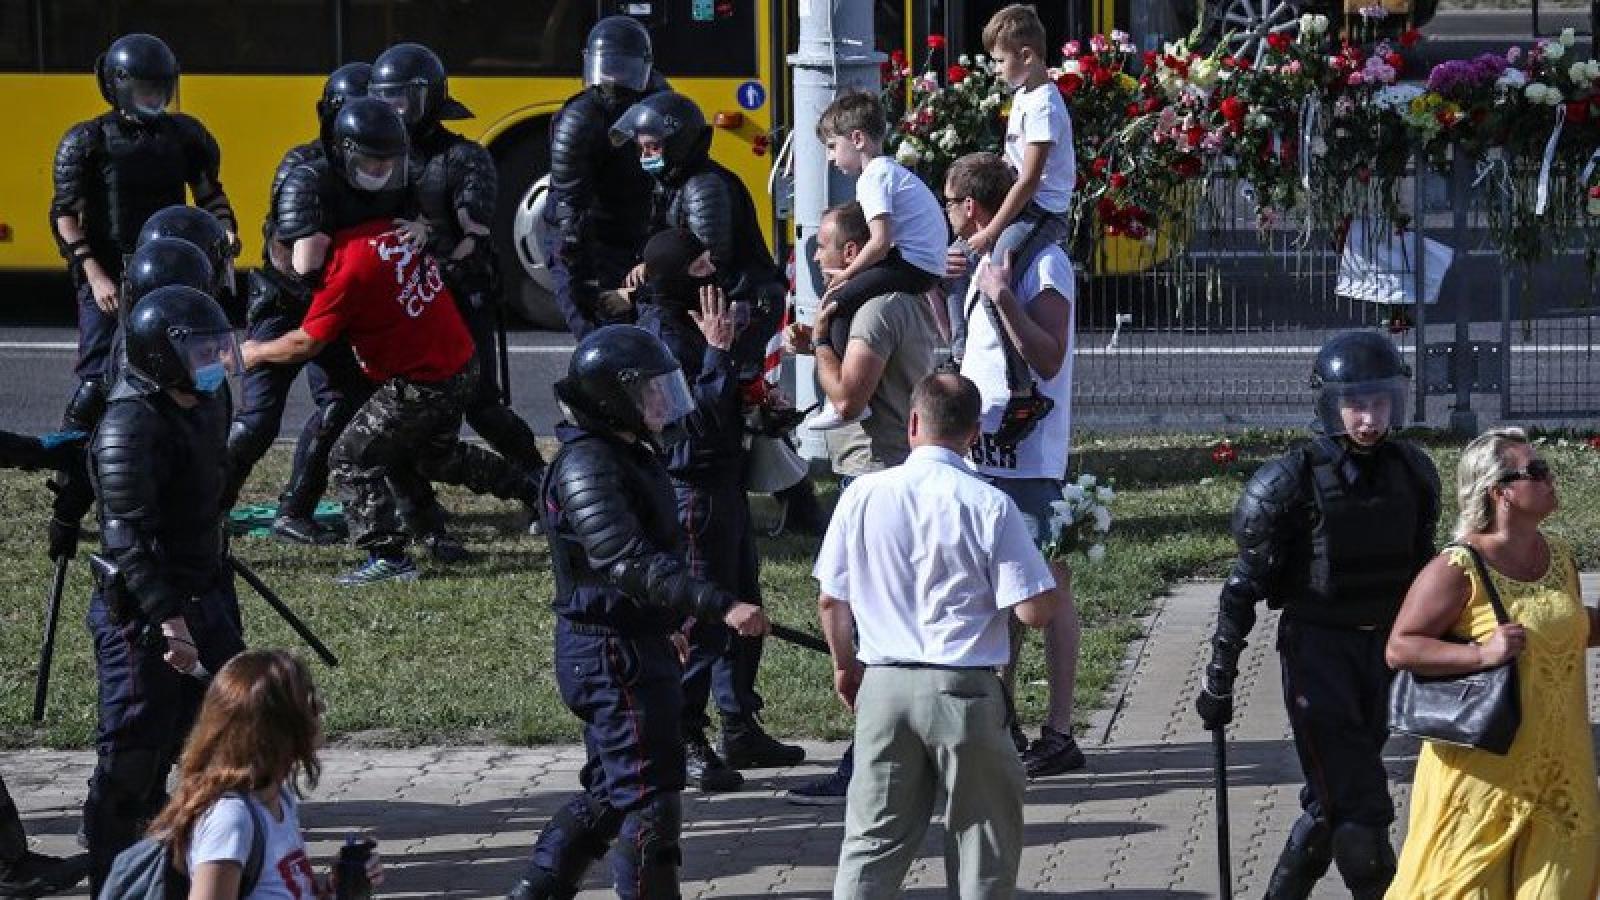 Cộng đồng quốc tế quan ngại về tình hình bạo lực tại Belarus sau bầu cử